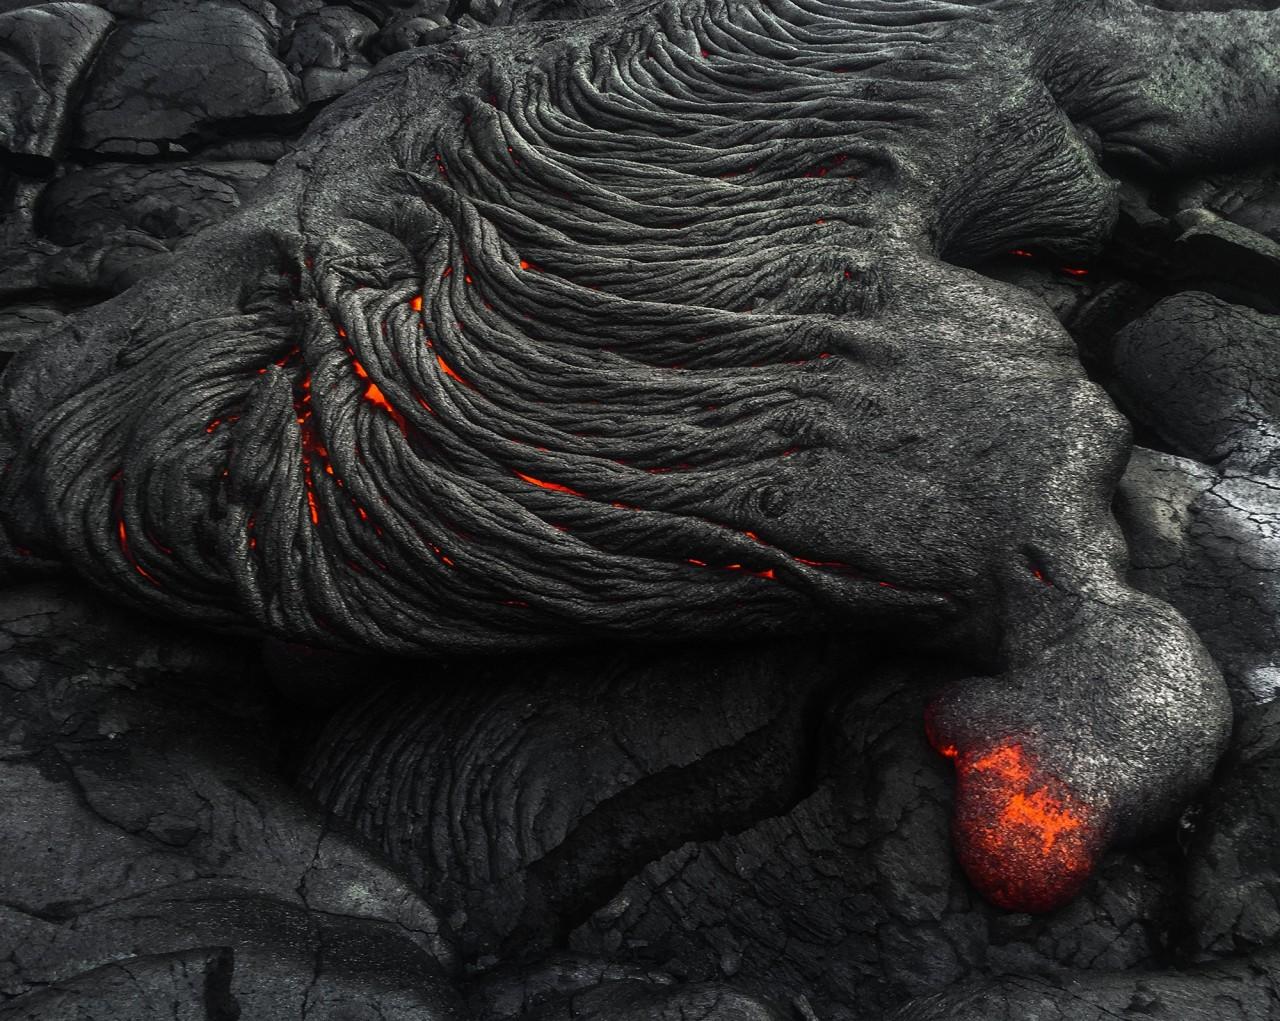 3 место в категории «Природа», 2020. Лавовое поле, Гавайи. Автор Джиавен Ву